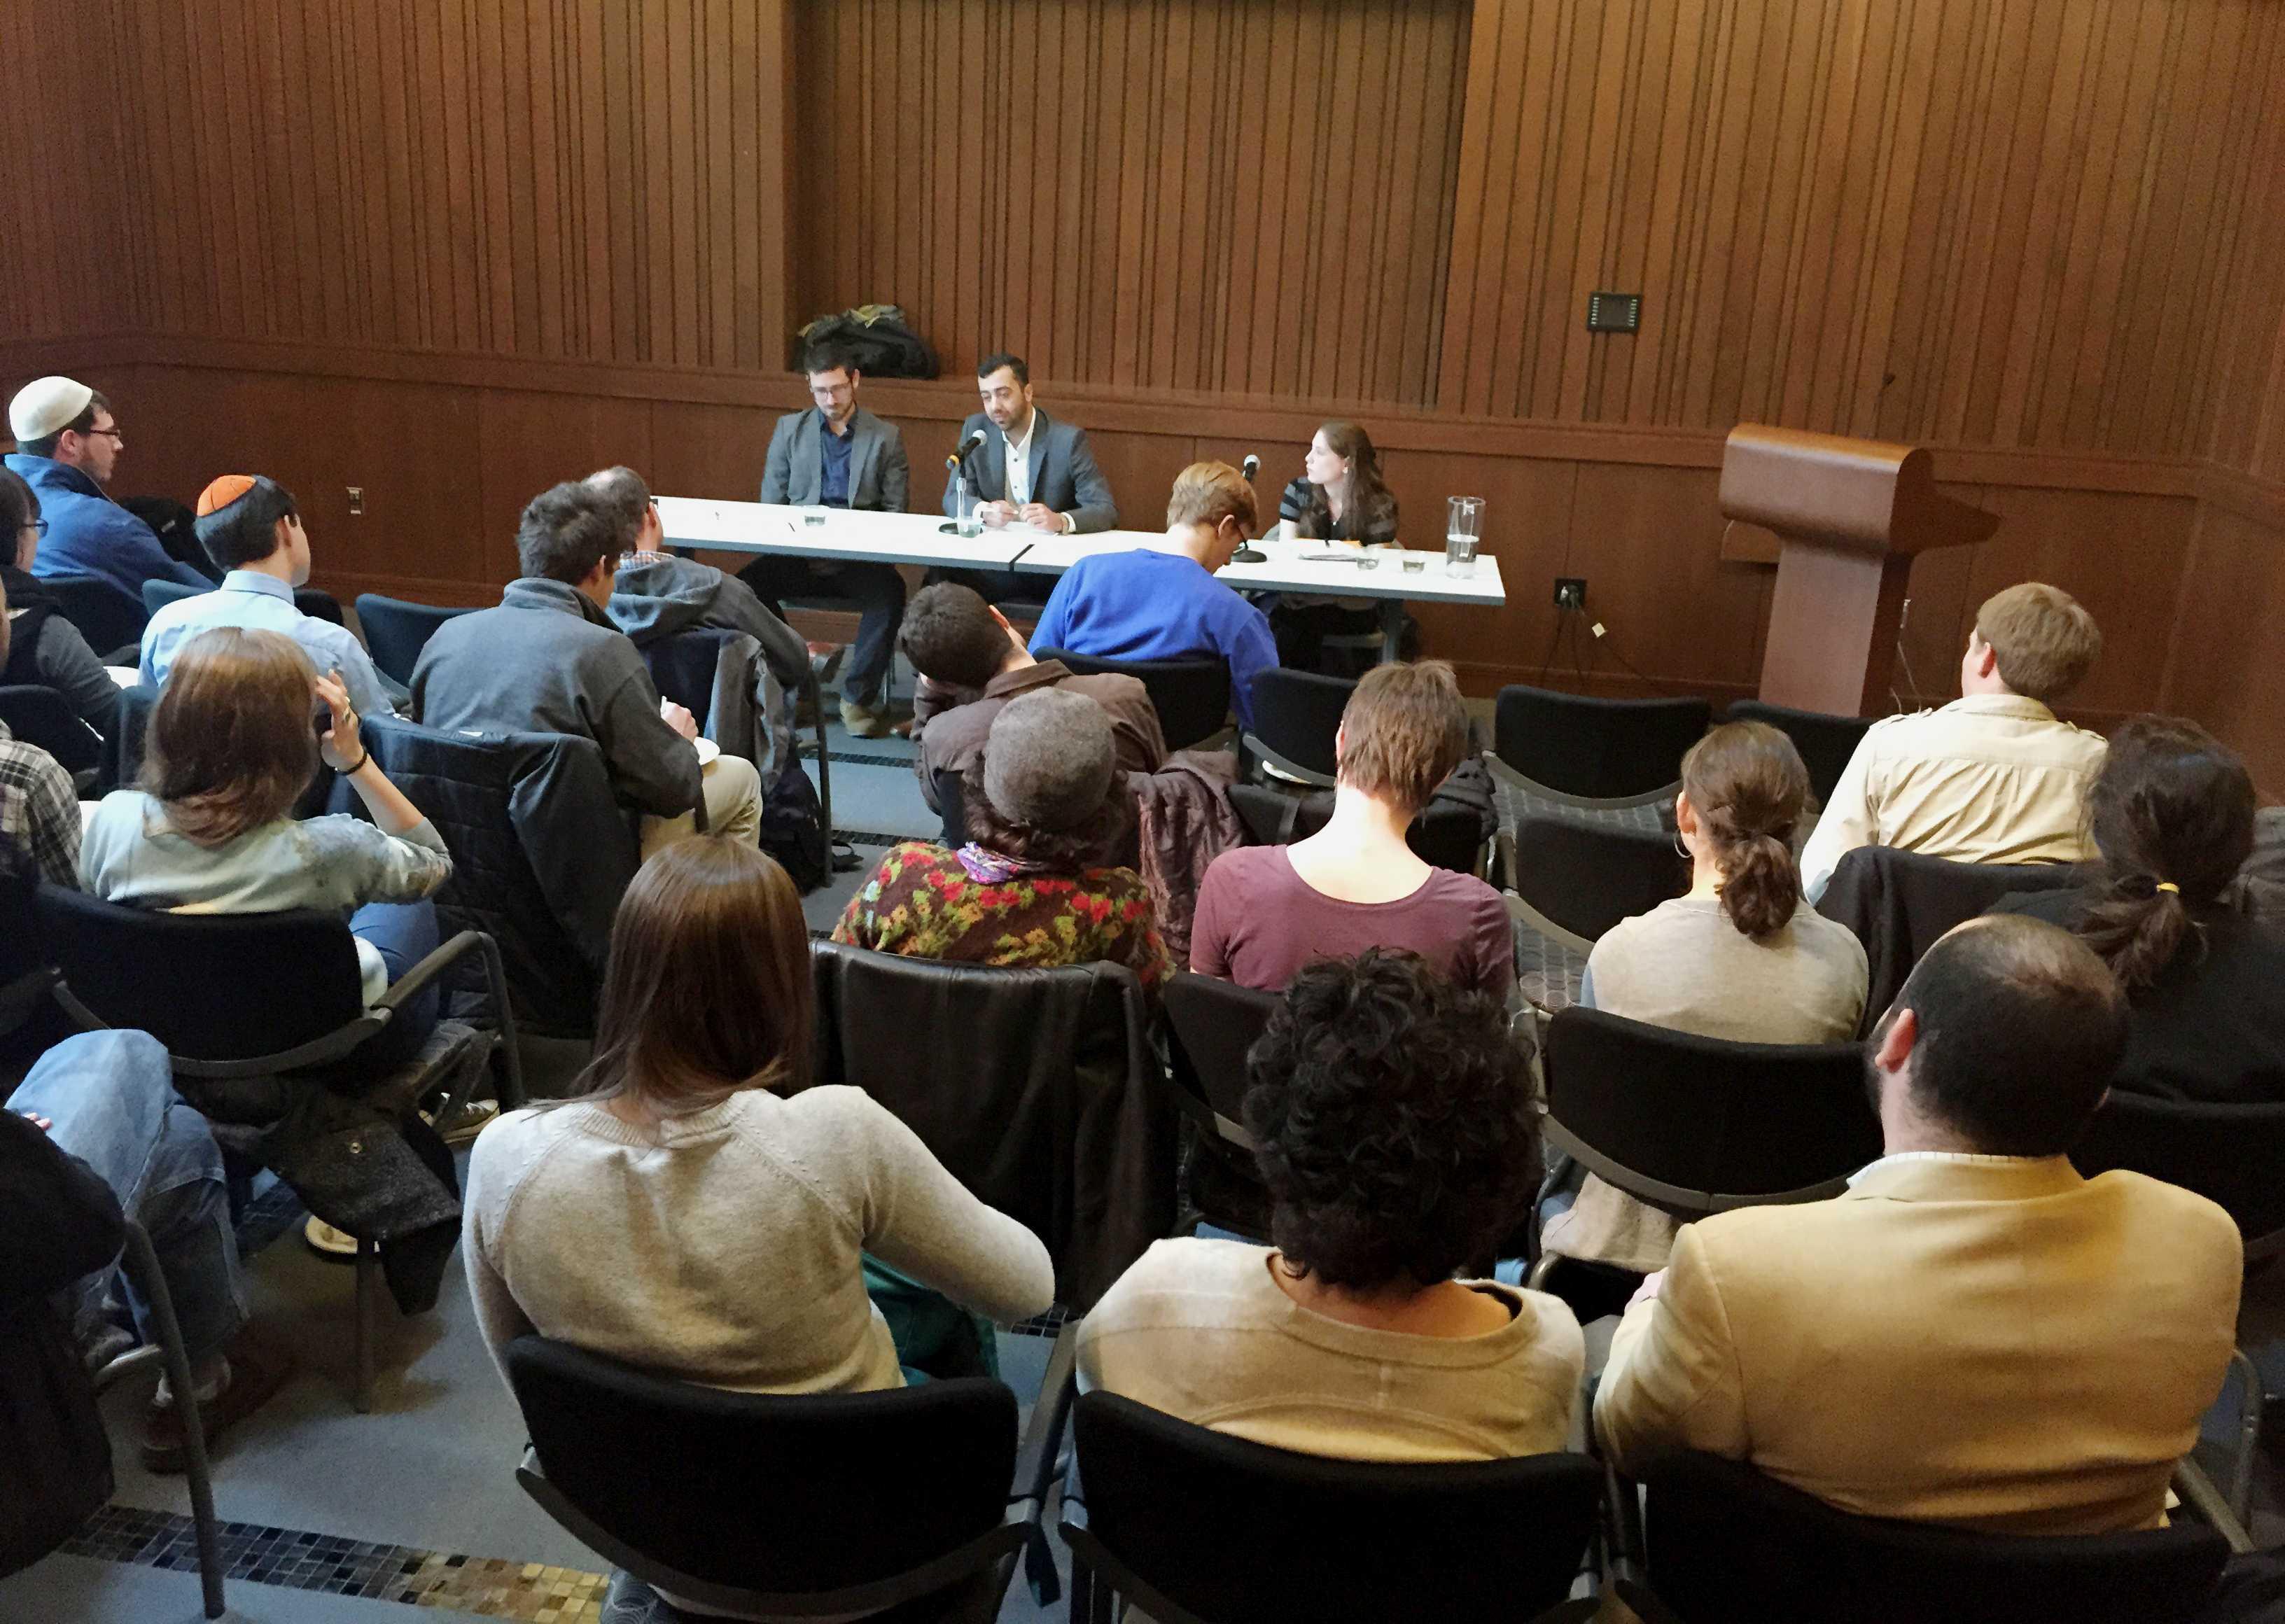 Lior Frankienstzajn and Walid Issa speak at the event. Photo by Joe Klein '16